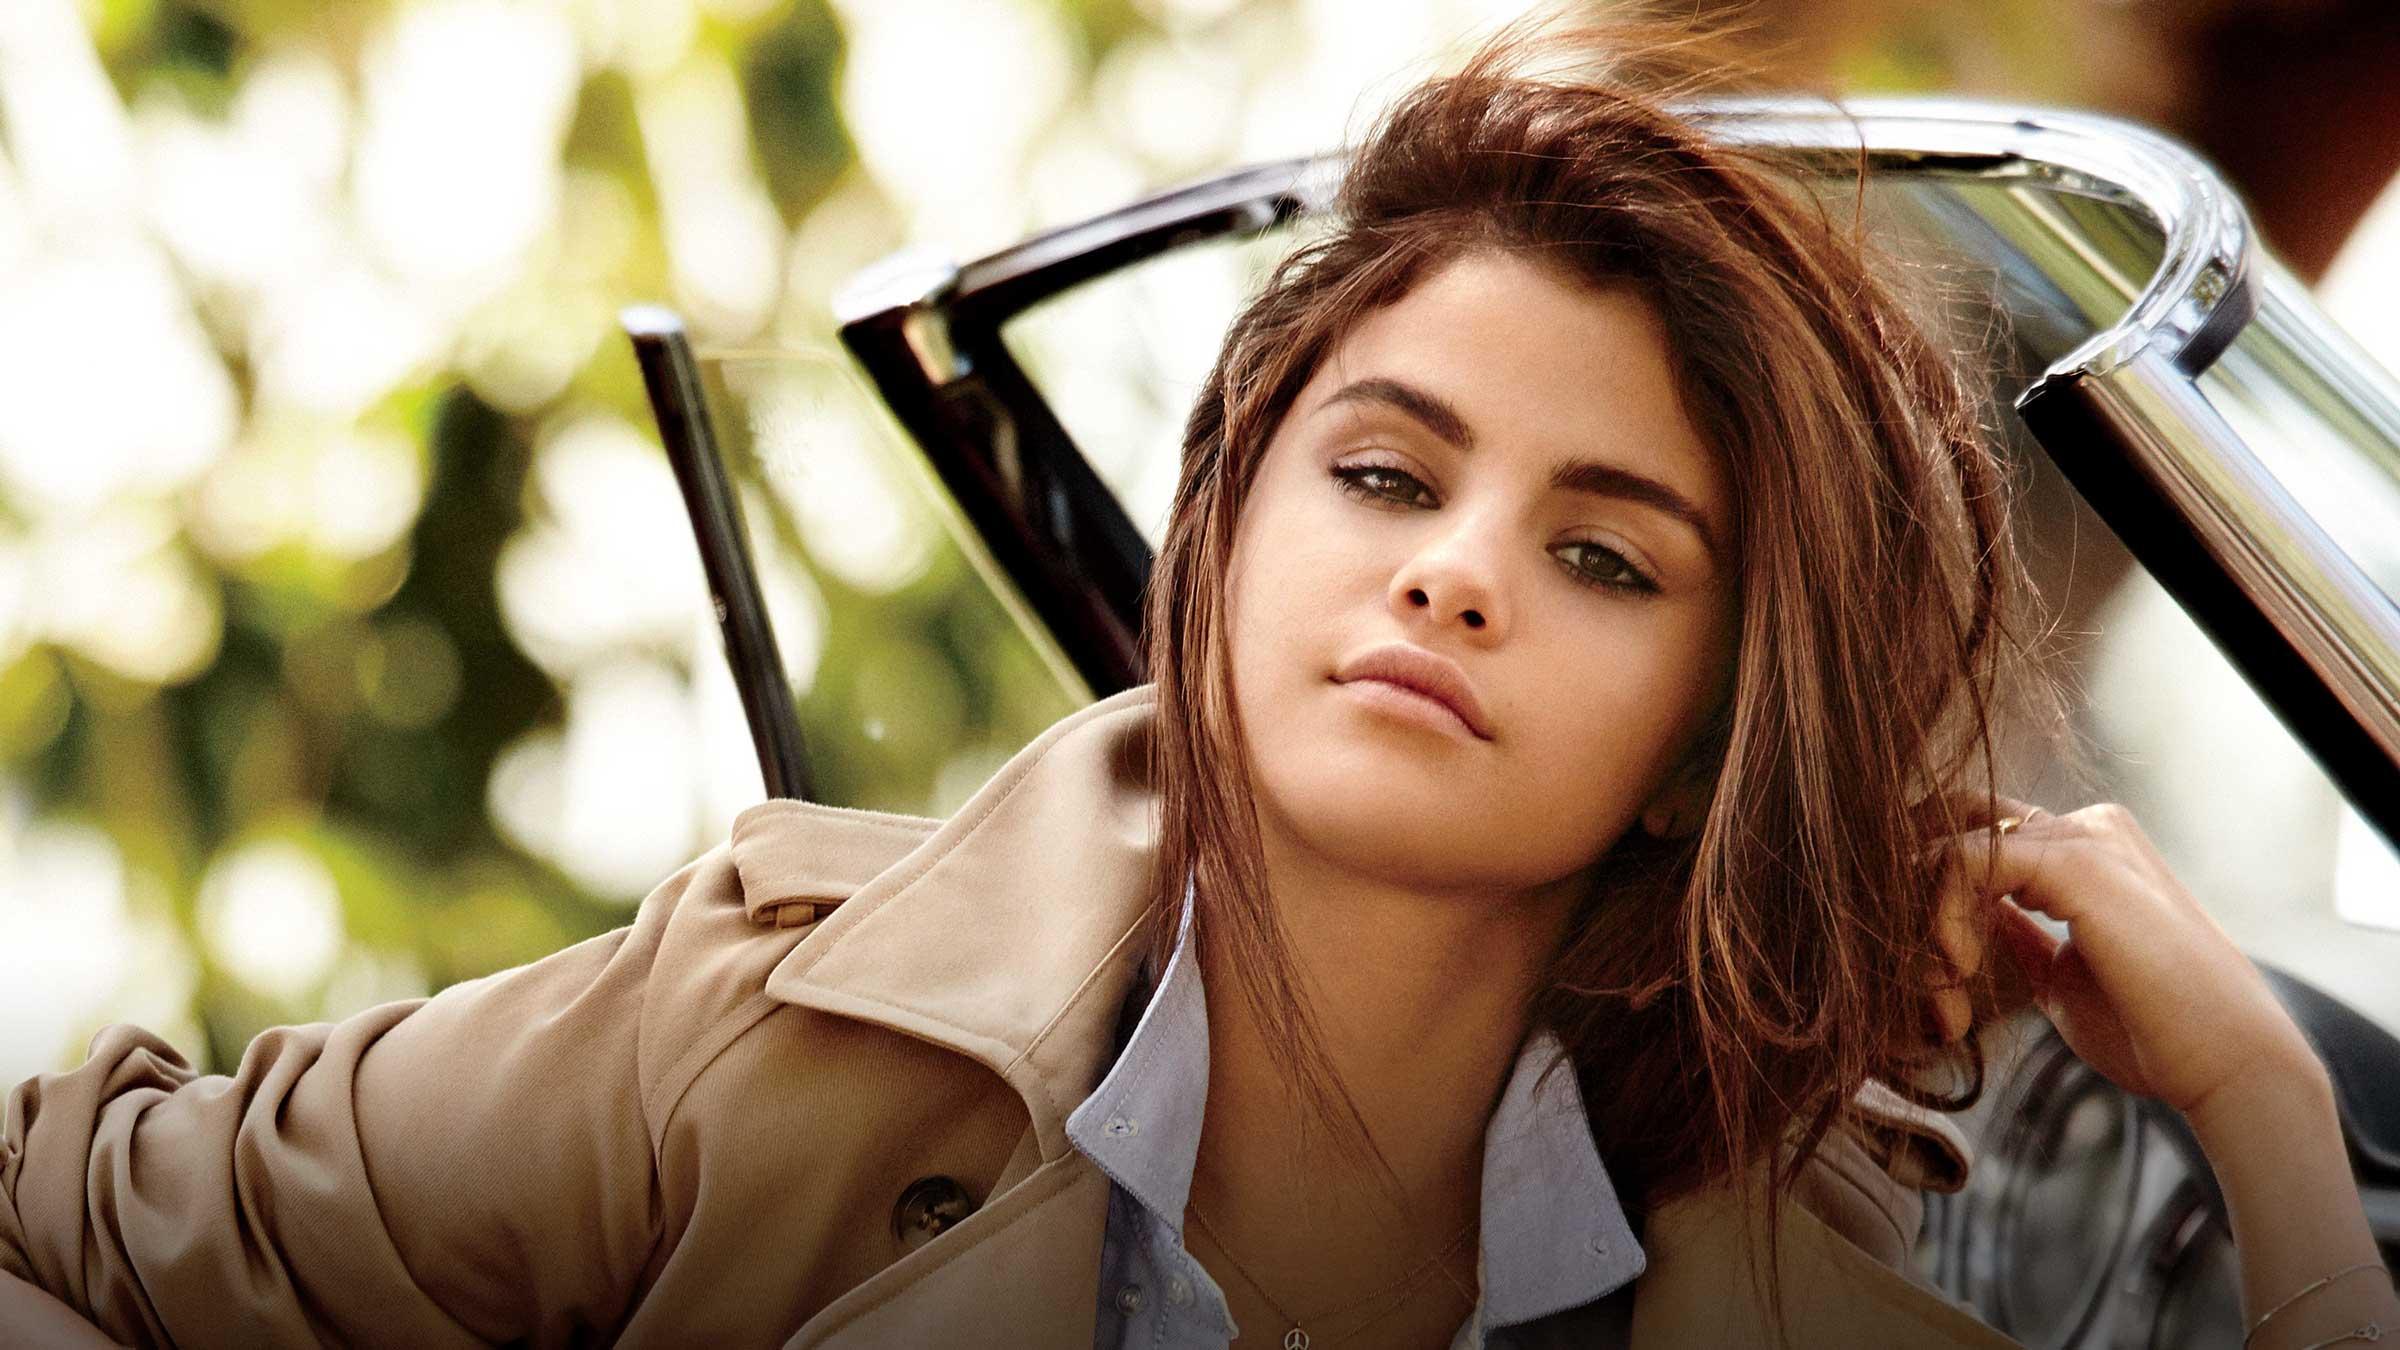 Selena home